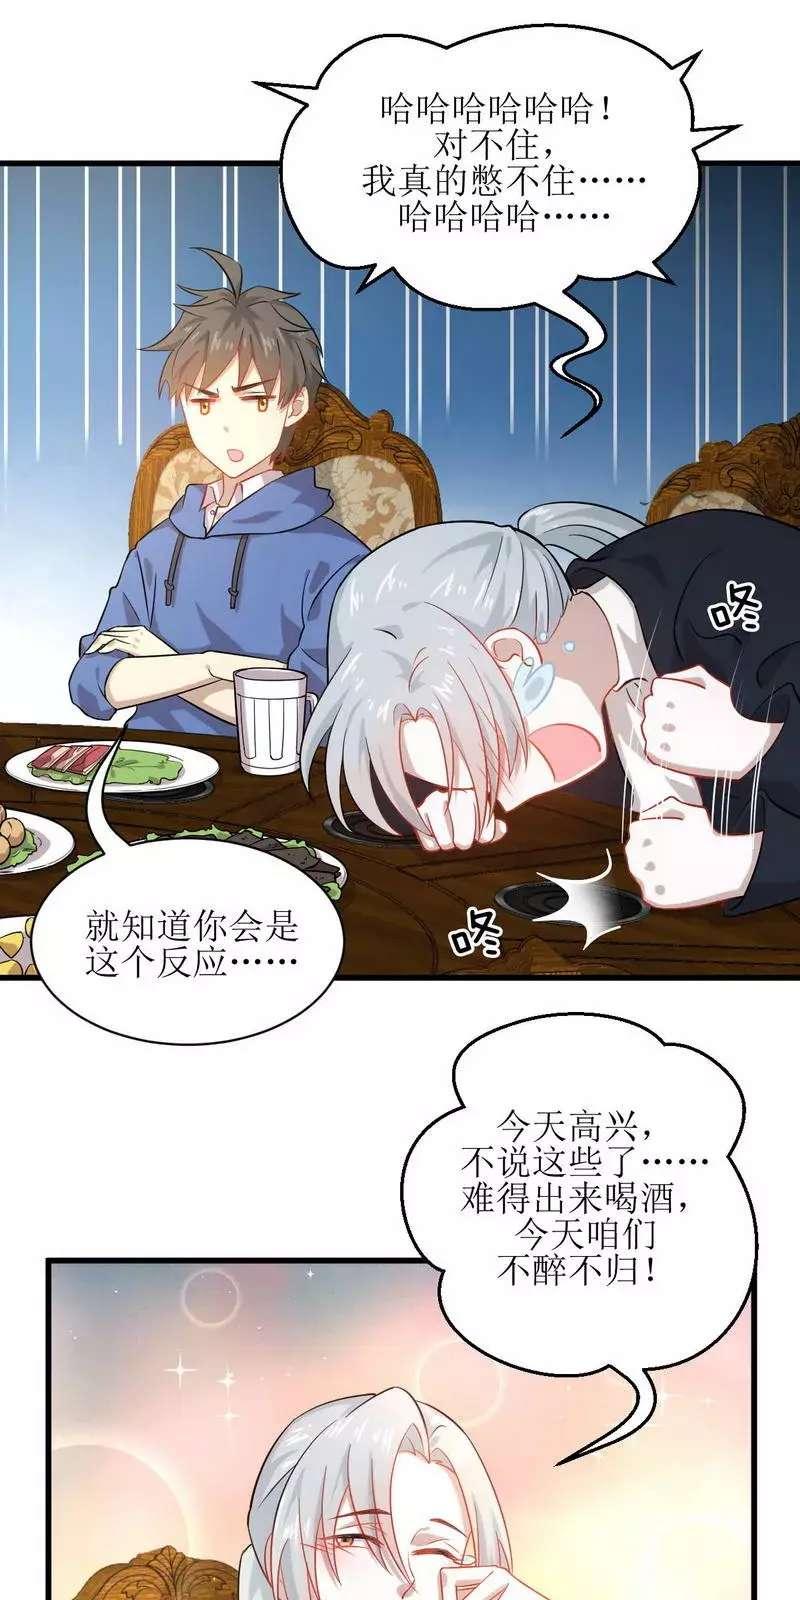 本剑仙绝不吃软饭第36话  第35话 醉酒 第 8